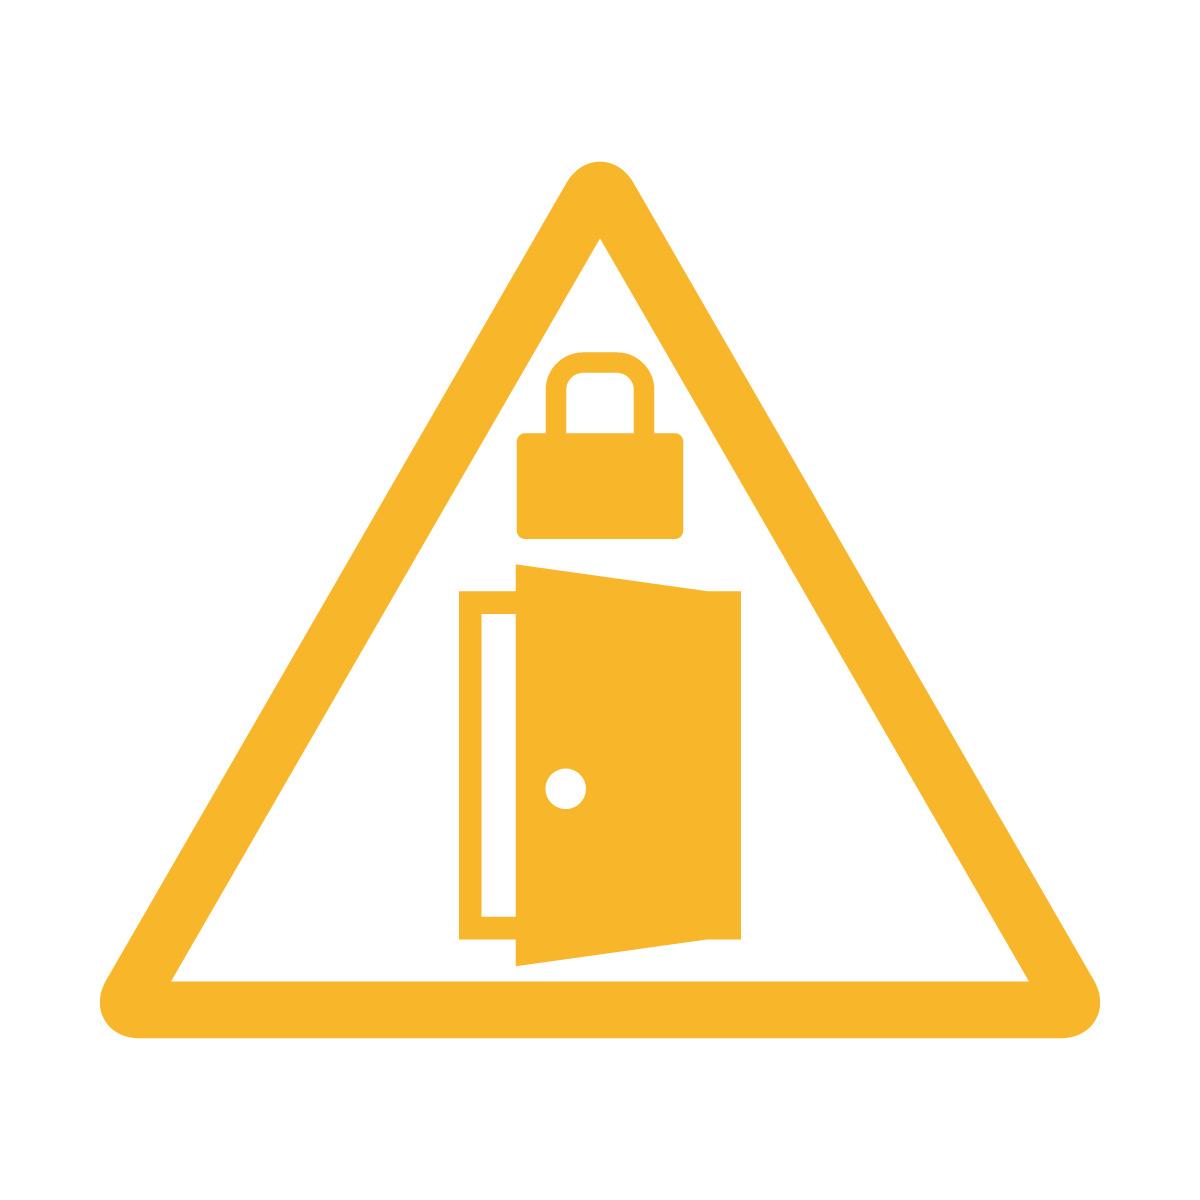 黄色の扉・ドアの施錠注意 鍵掛け マークのカッティングステッカー・シール